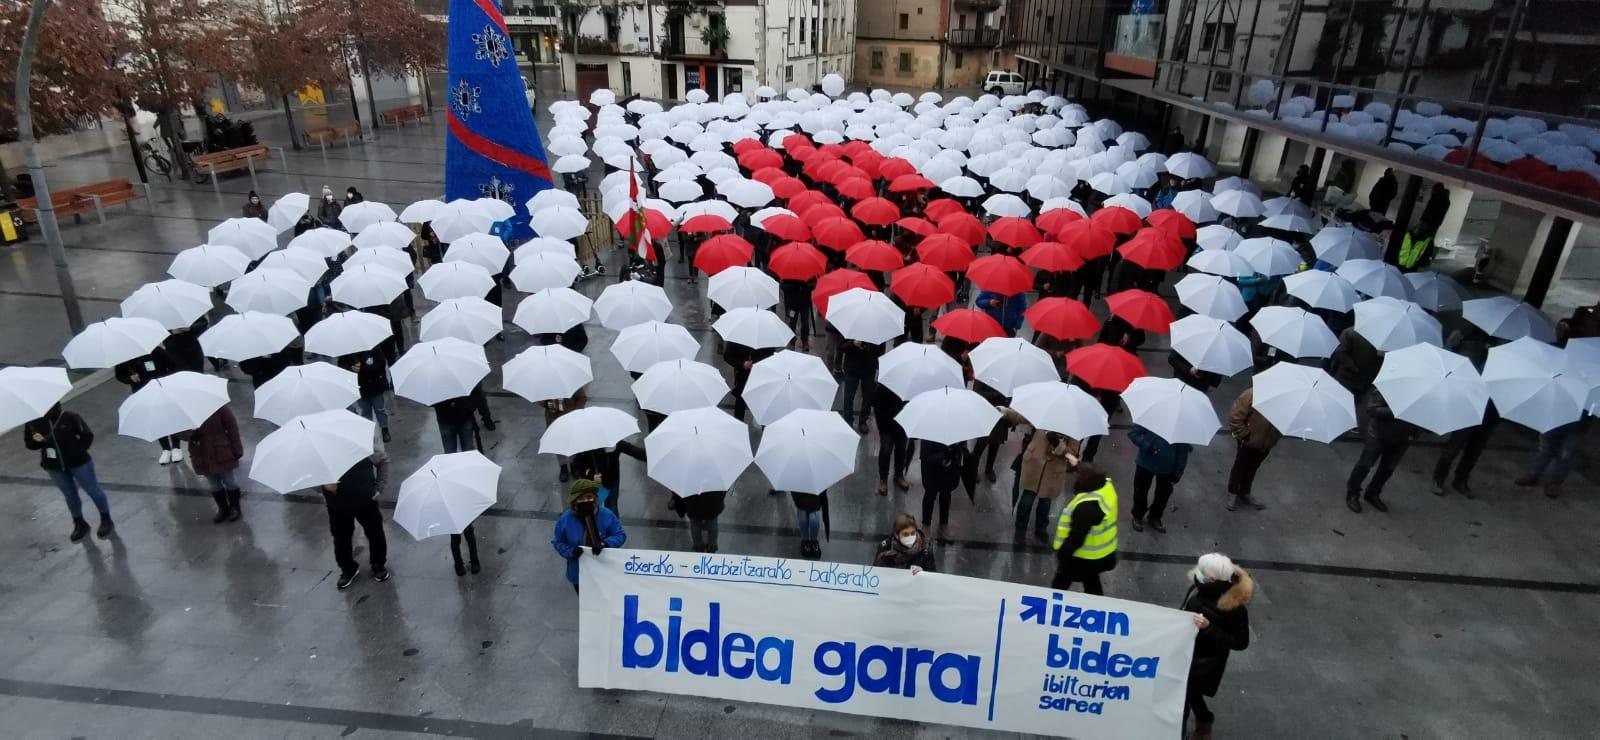 Acto en Lasarte-Oria. Foto: Sare #IzanBidea